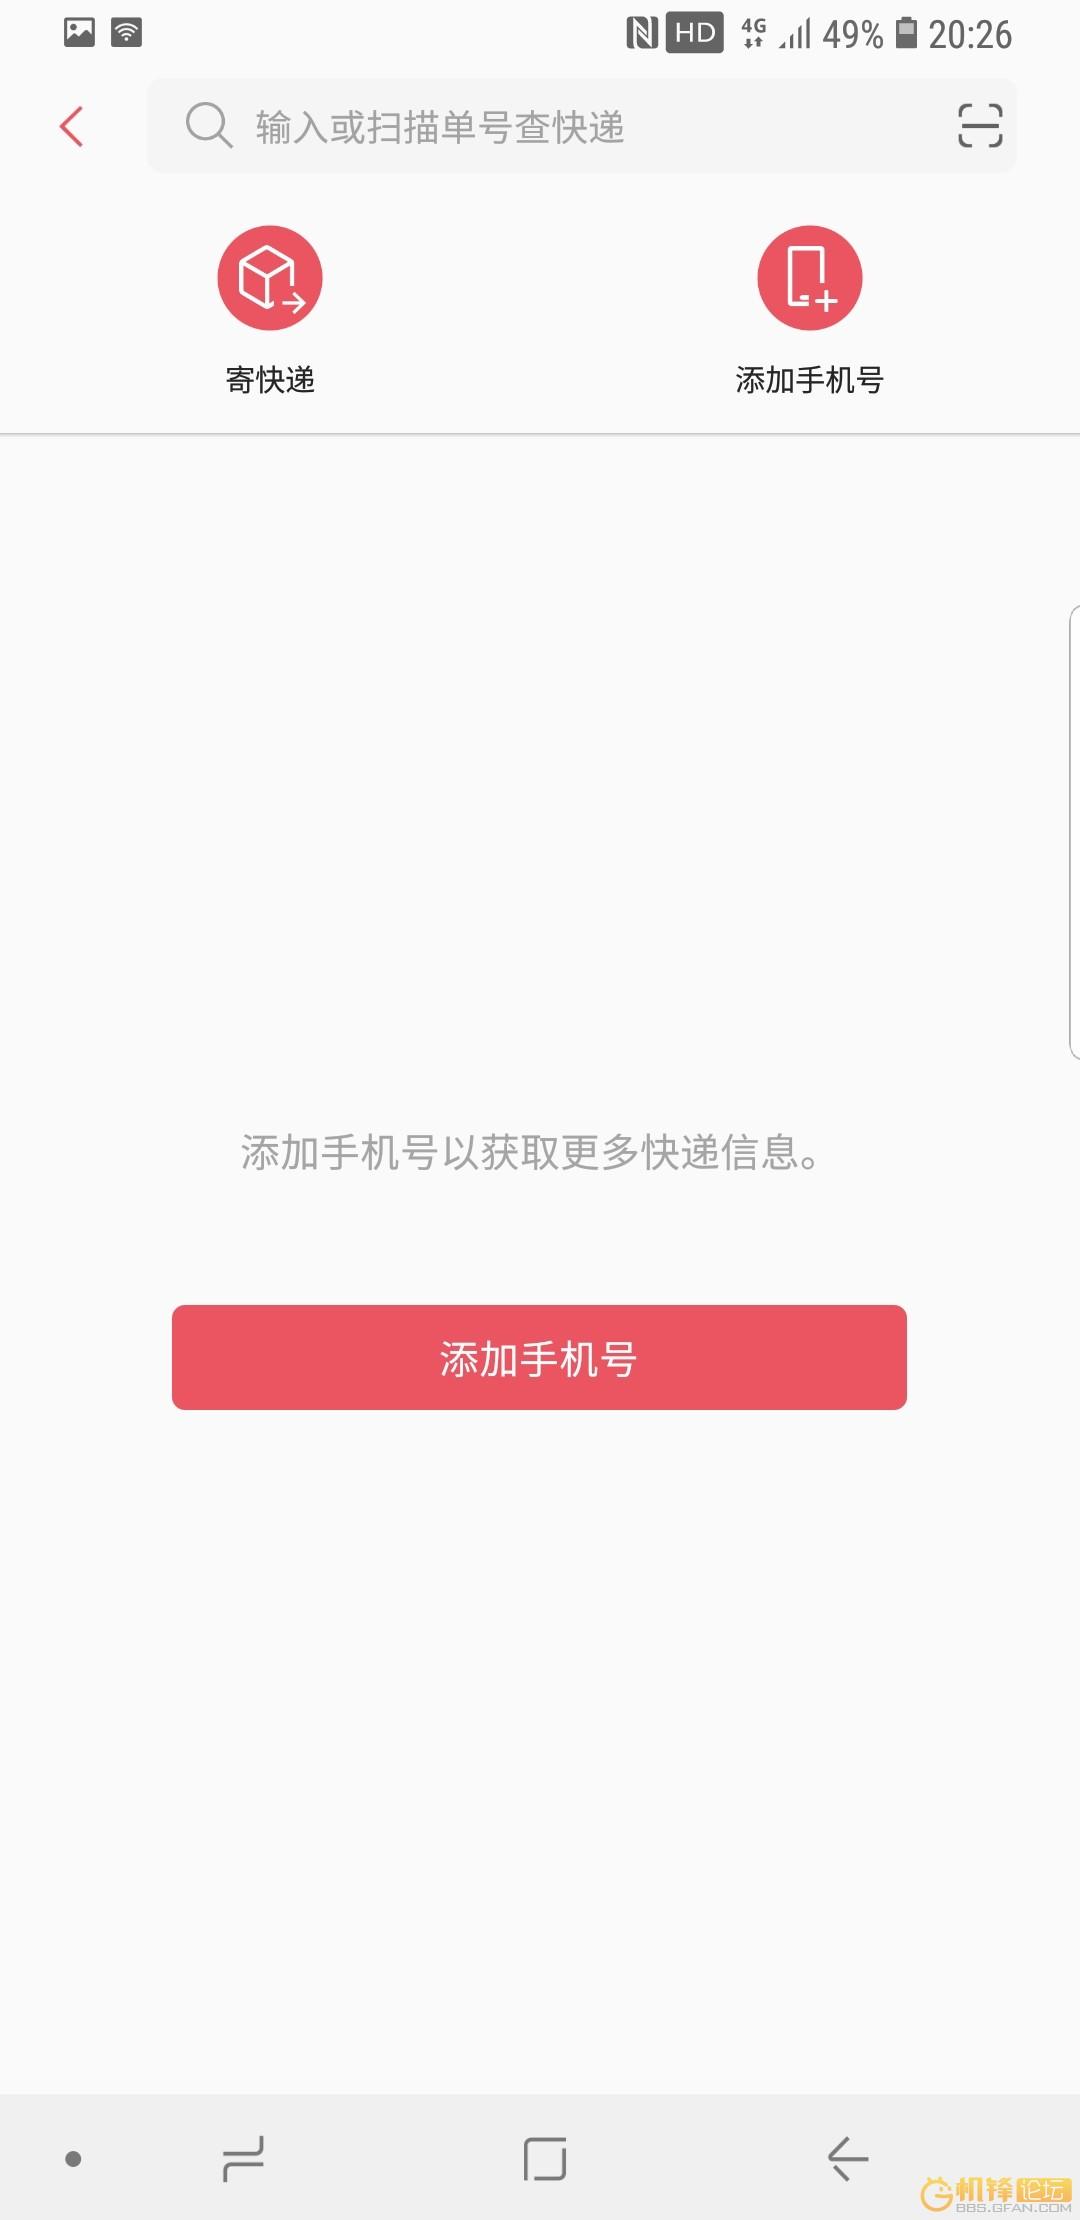 Screenshot_Samsung Assistant_20171225-202609.jpg